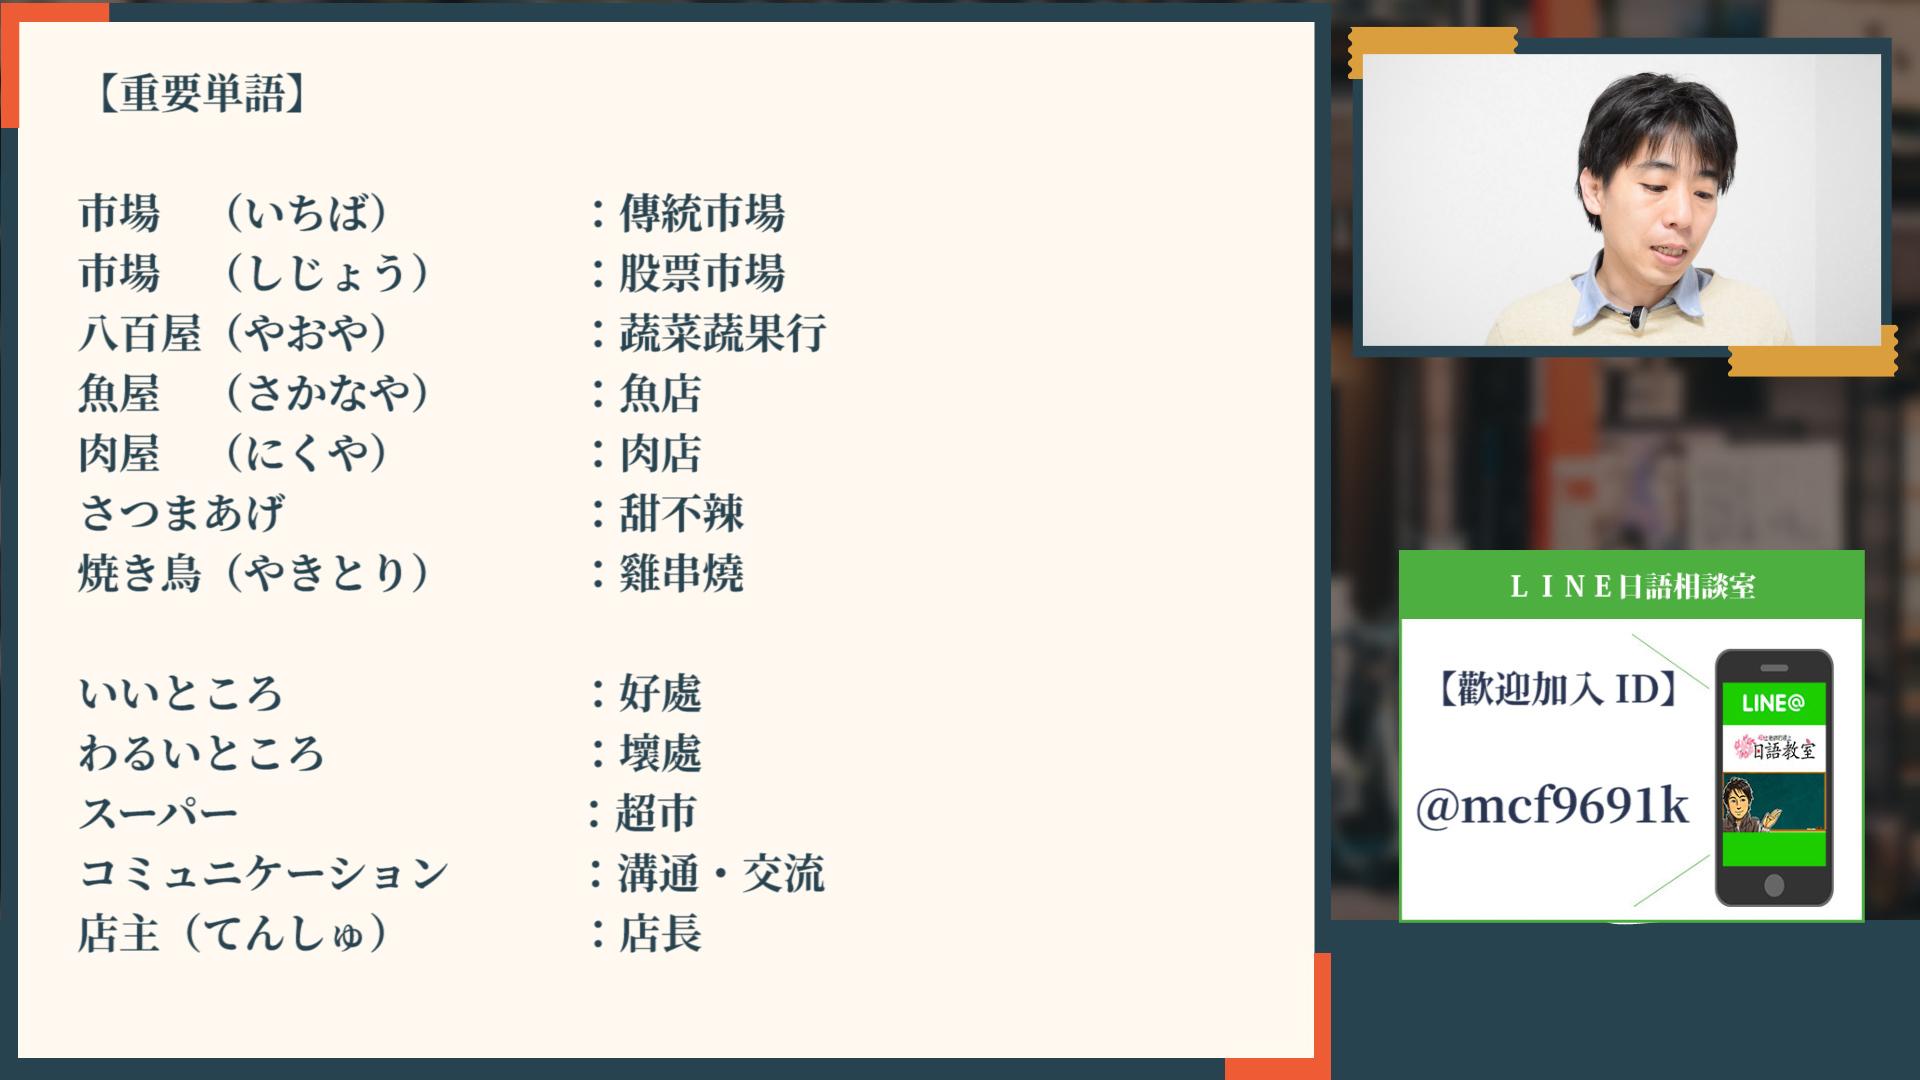 04-2大安亭市場